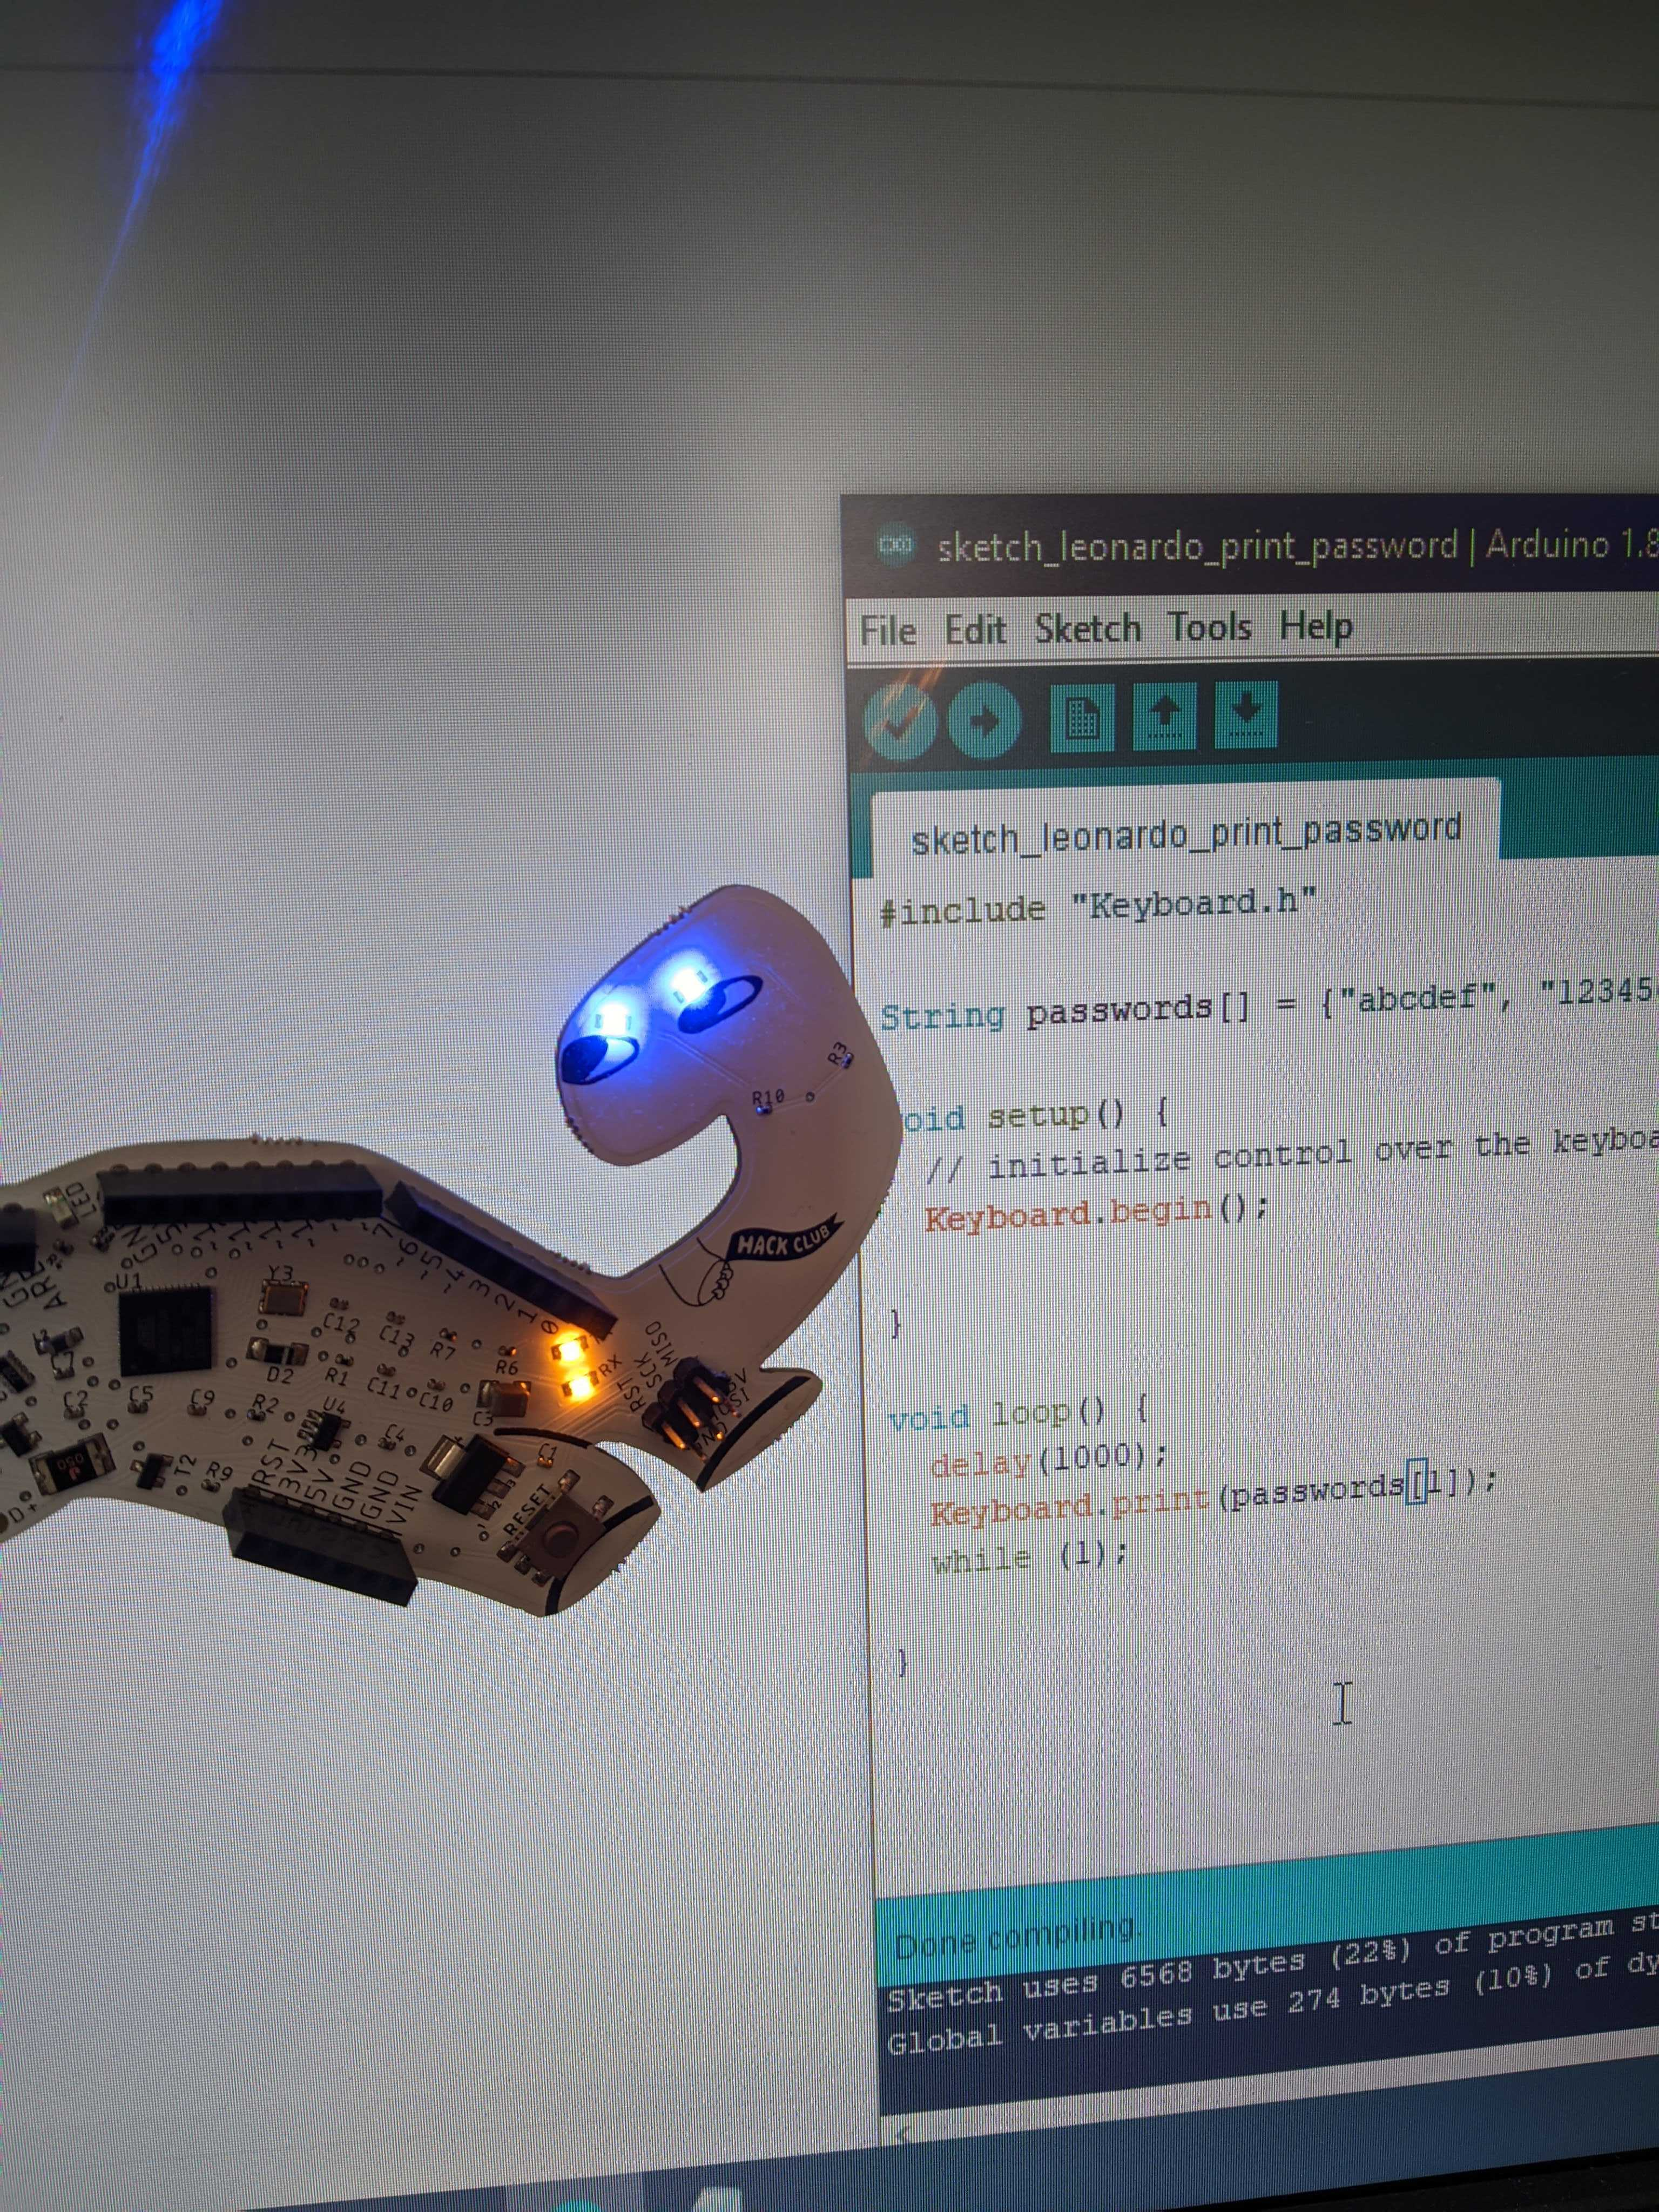 https://cloud-a3p5omov9-hack-club-bot.vercel.app/0pxl_20210307_054201771.jpg